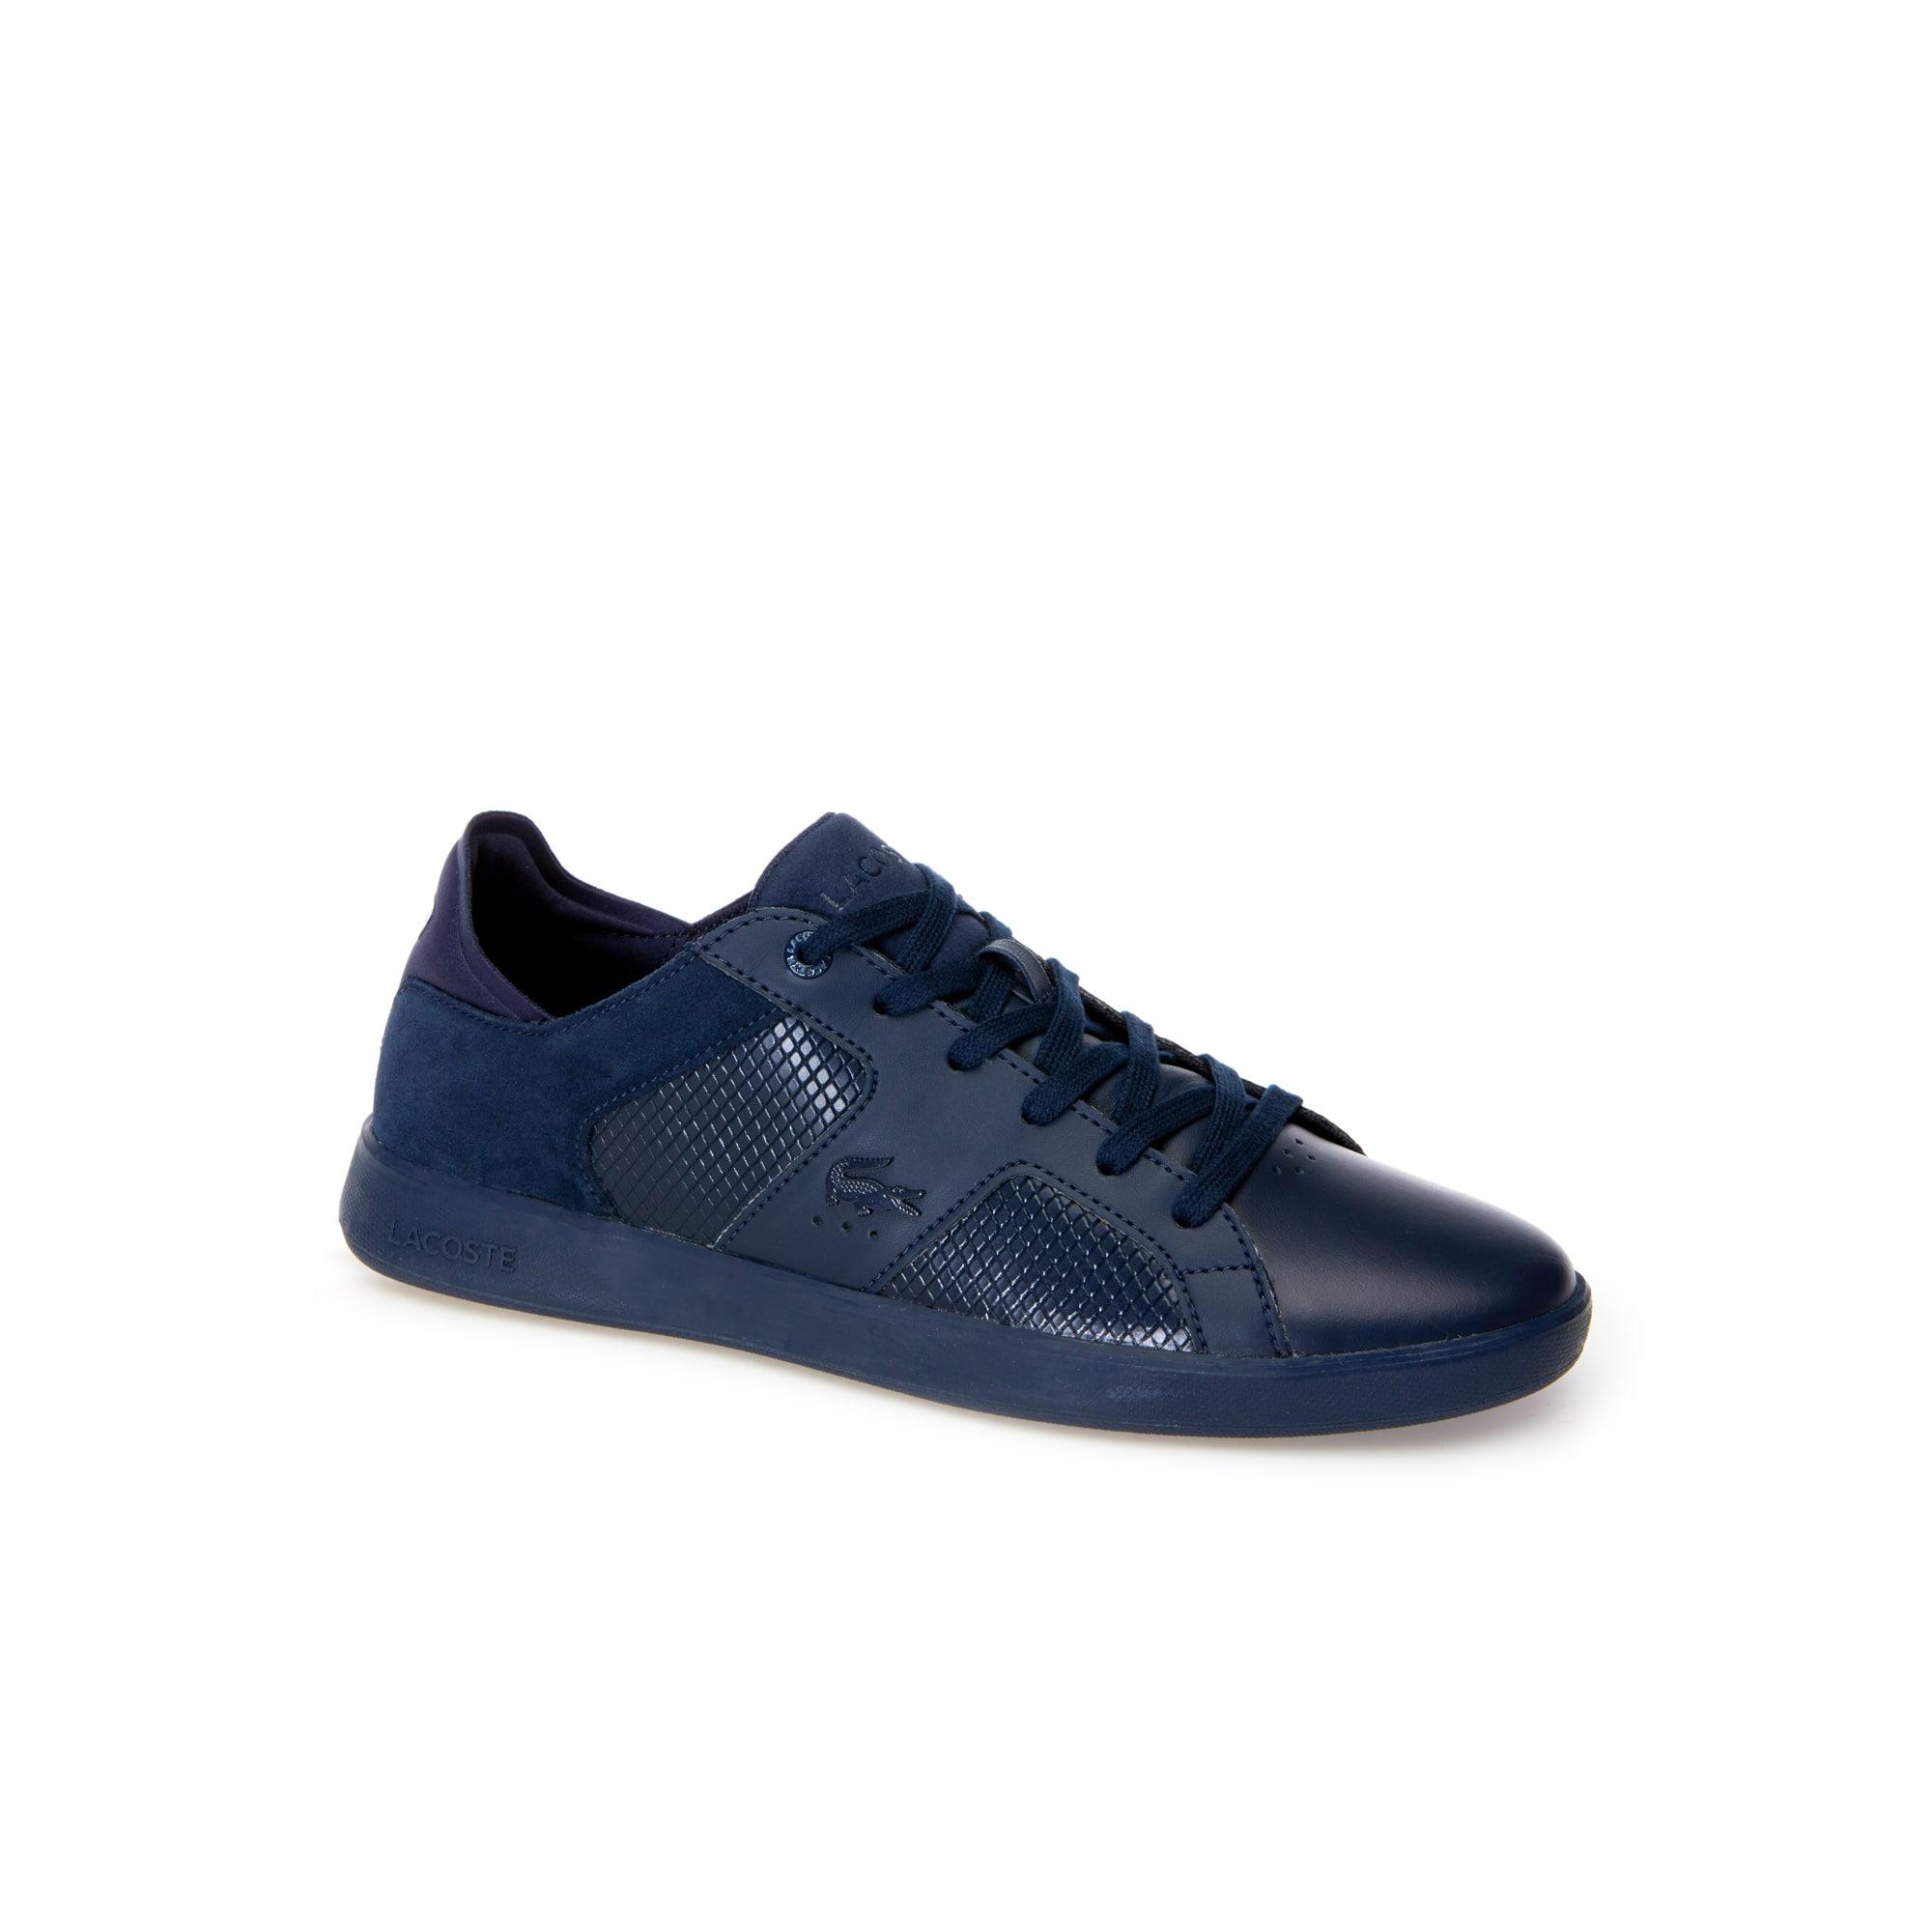 Zapatillas de hombre Novas de piel, ante y material sintético